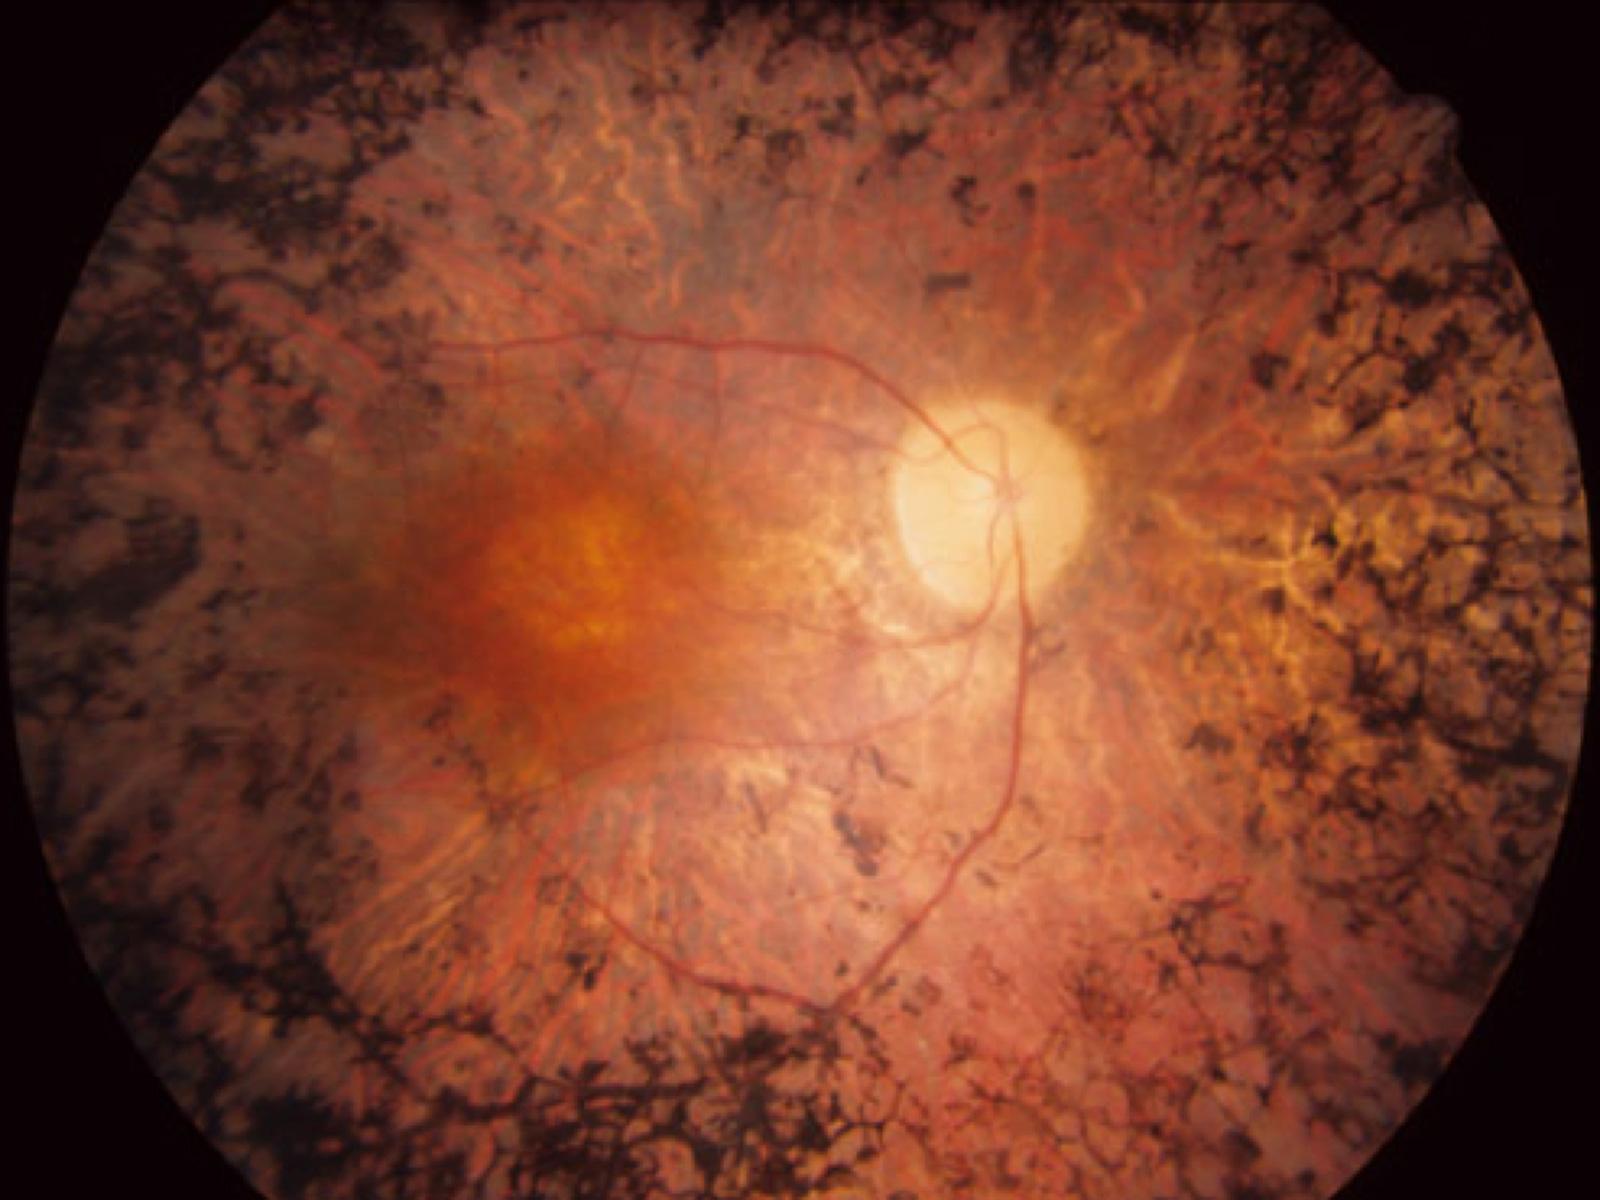 malattie della retina